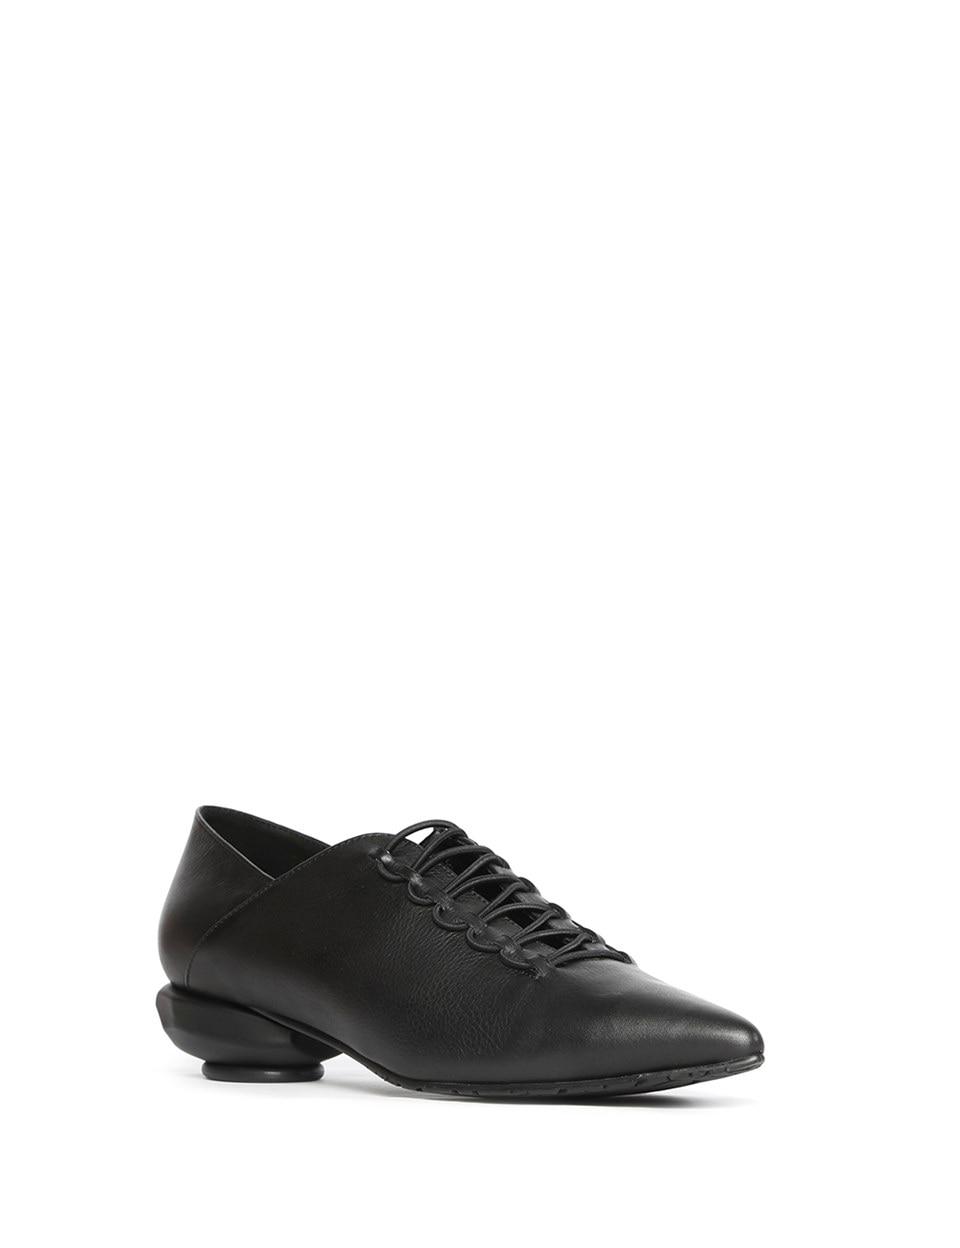 ILVi-mocassin femme fait main en cuir véritable Wella noir Metis 2020 chaussures femme pour printemps été